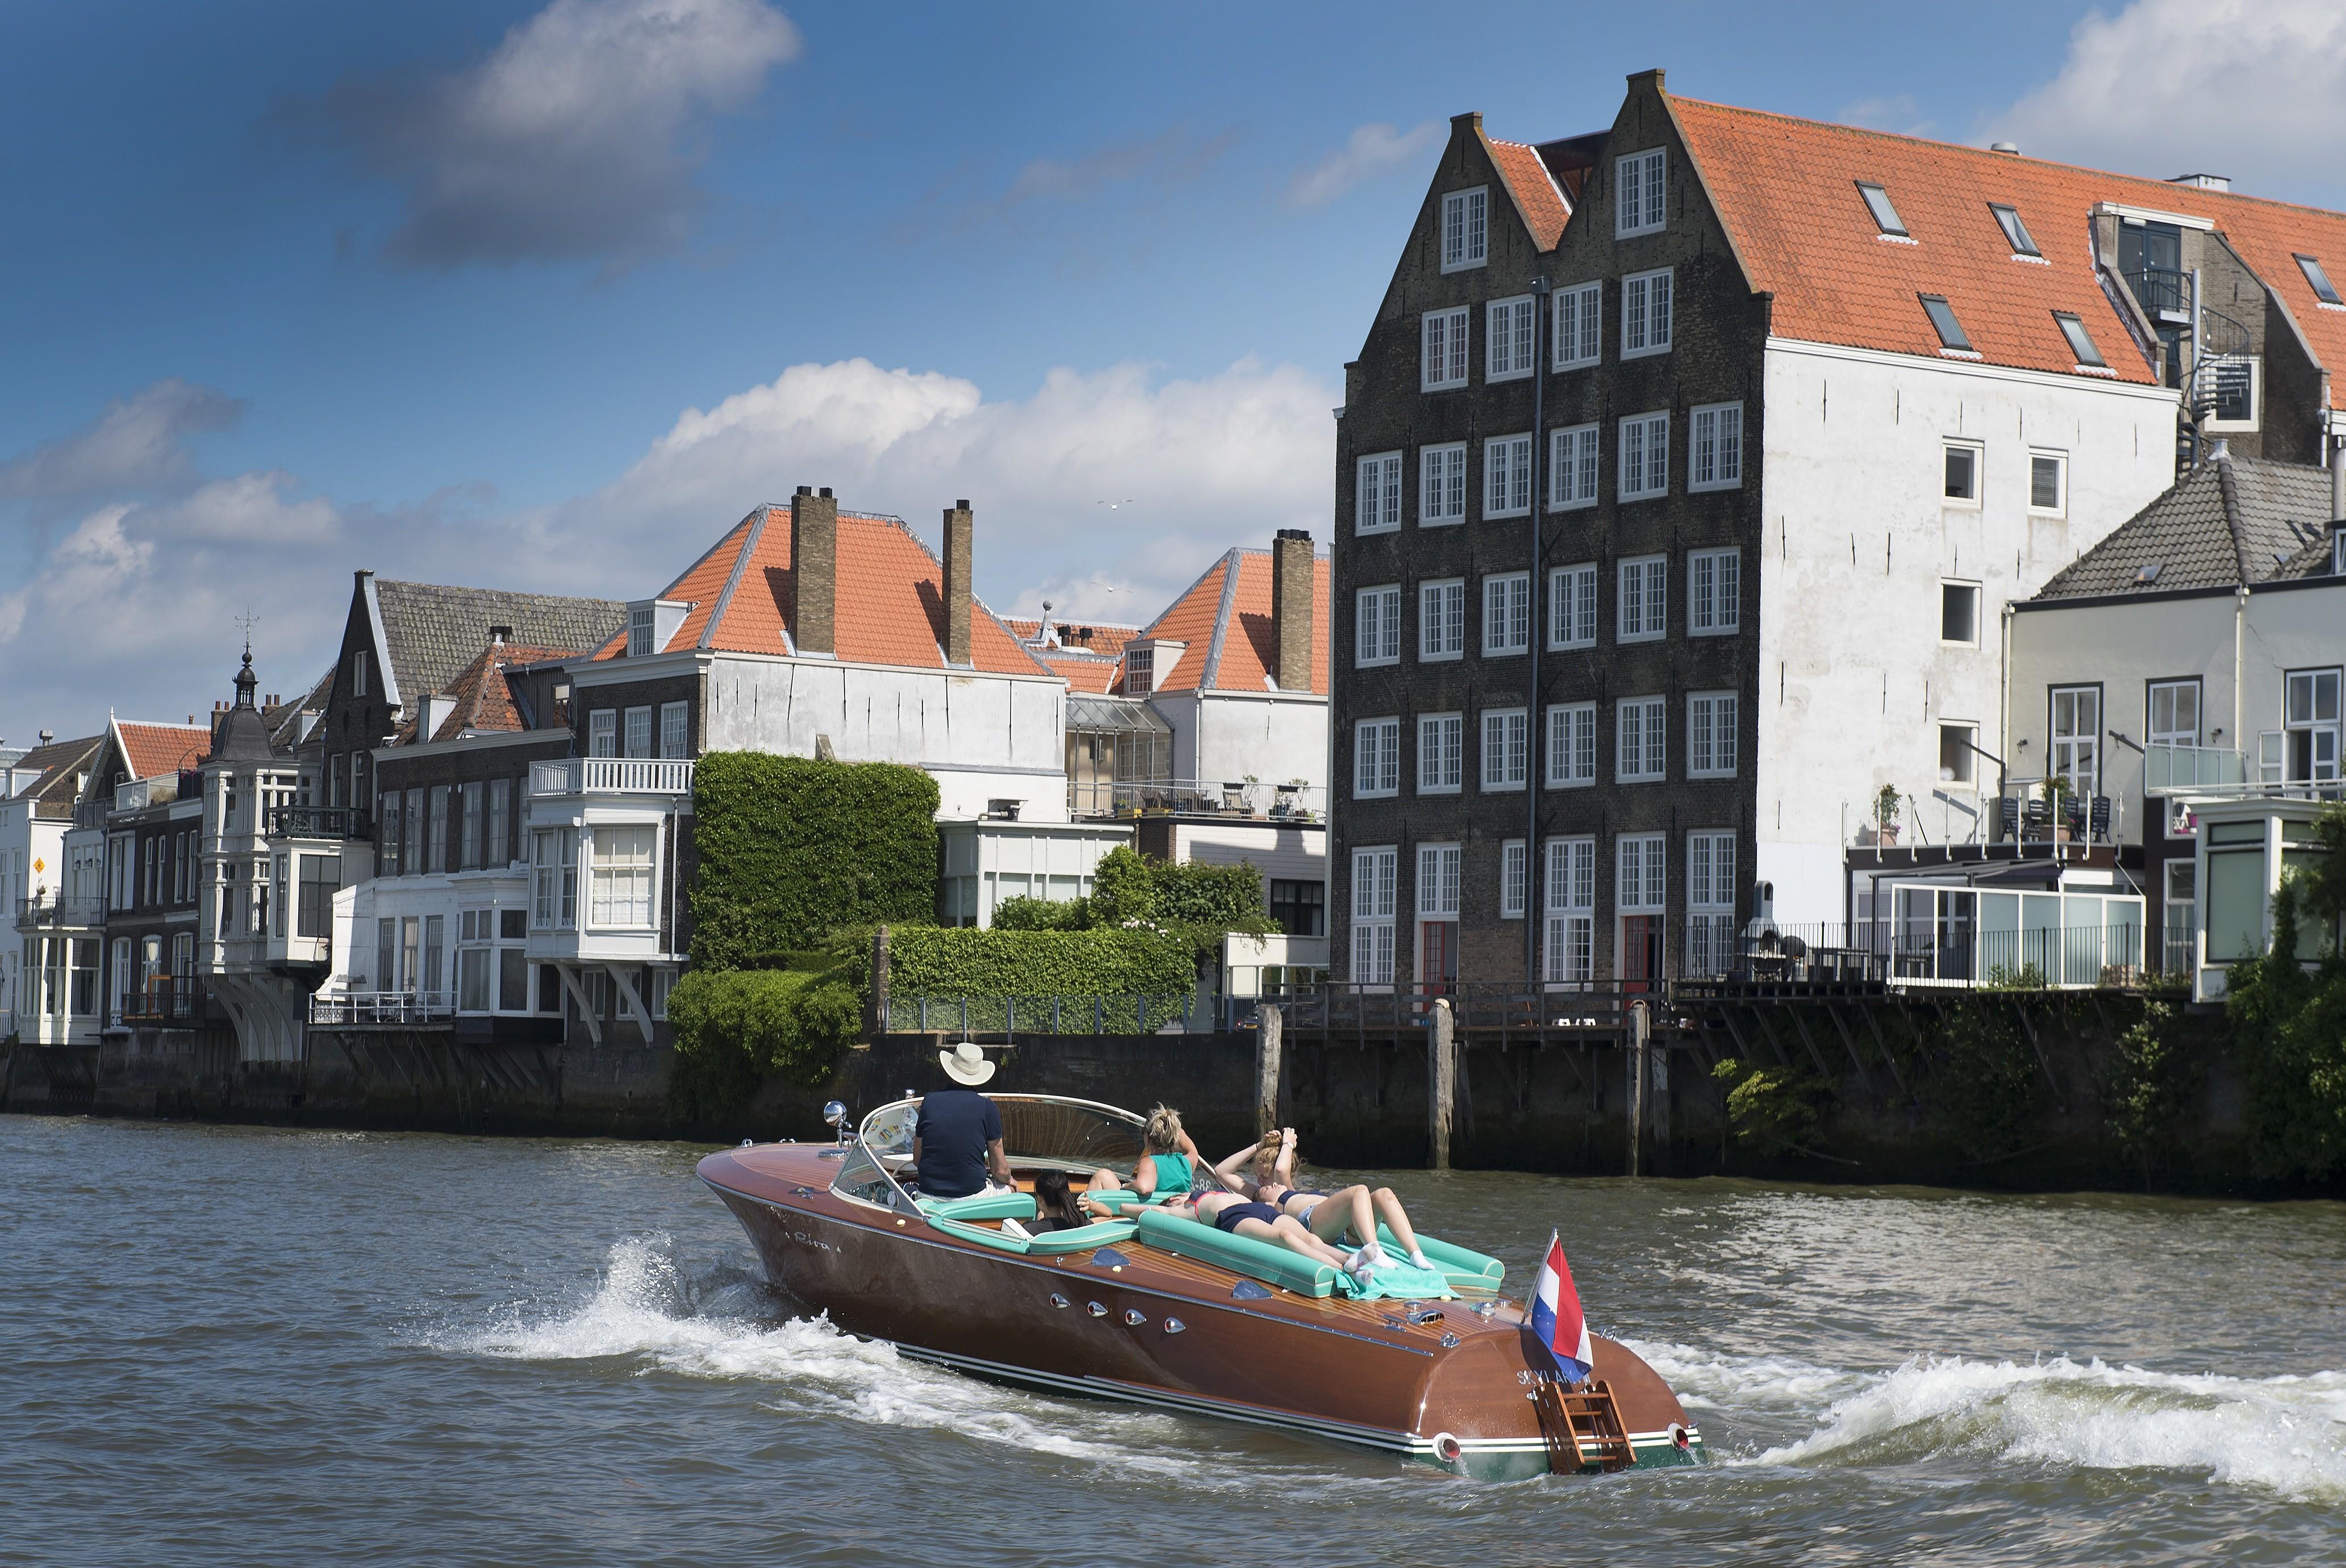 Riva motorboot vaart door Wijk bij Duurstede